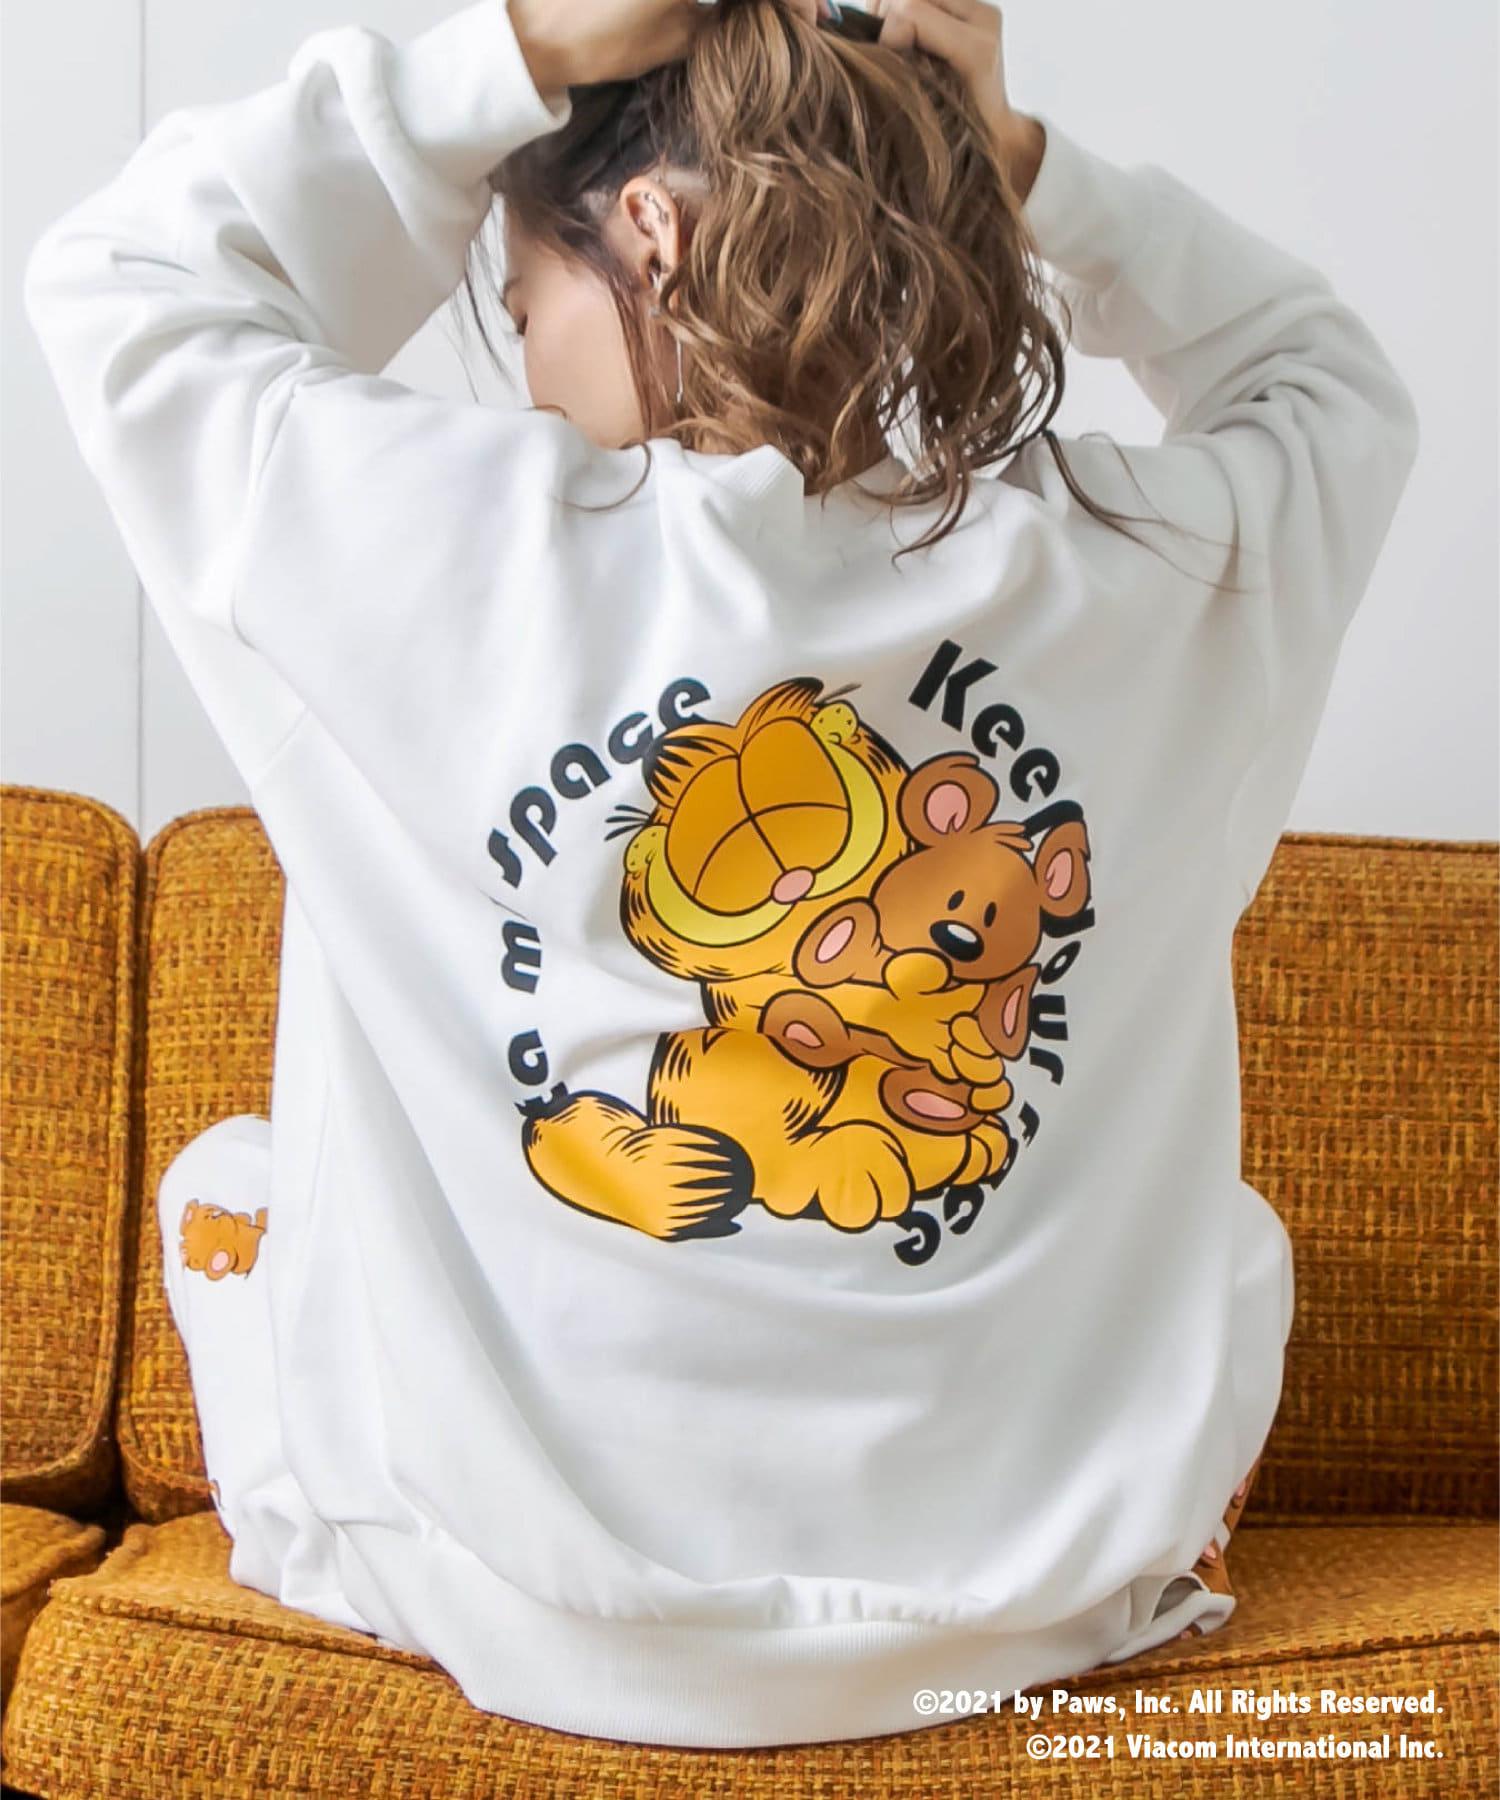 RASVOA(ラスボア) 【Garfieldコラボ】バックププリントルームスウェットトップス